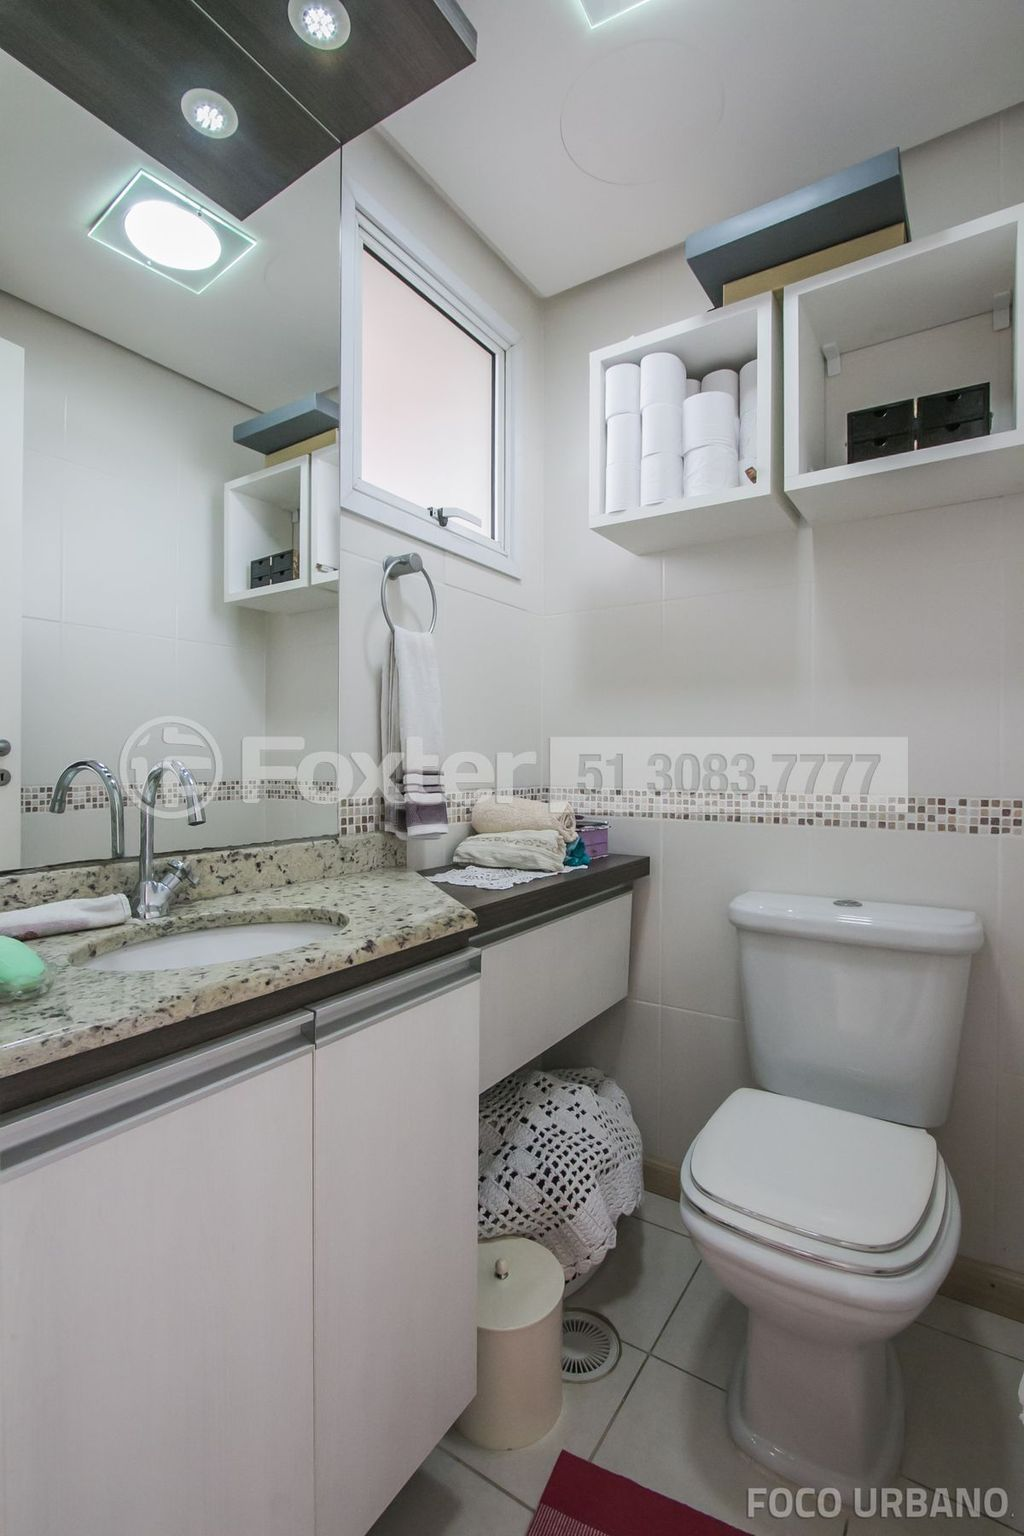 Foxter Imobiliária - Cobertura 2 Dorm (146243) - Foto 3